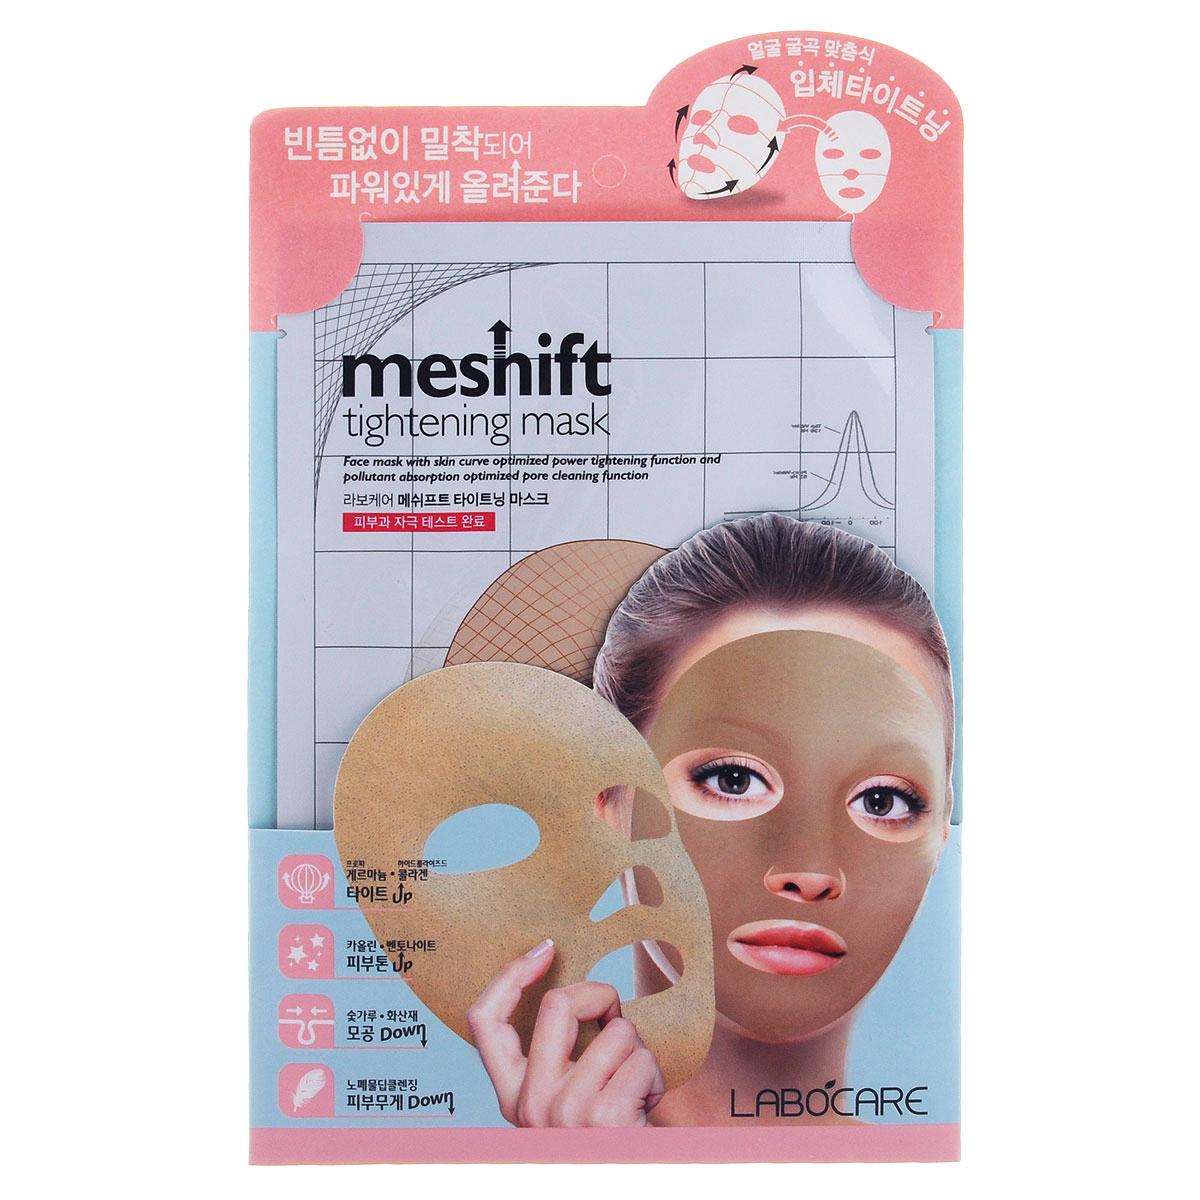 Labocare Маска для лица Meshift Tightening Mask, подтягивающая, сужающая поры, 20 мл481353Уникальная 3D-маска очищает и сужает поры, подтягивает уставшую кожу, придает ей упругость и эластичность, освежает, увлажняет, выравнивает цвет лица. Материал, составляющий основу маски, представляет собой сетку, пропитанную каолиновой глиной. Благодаря этому маска плотно прилегает к лицу, при этом пропускает воздух, а все питательные компоненты активно впитываются. Активные компоненты маски: Пропагерманиум и гидролизованный коллаген питают, подтягивают и увлажняют уставшую кожу. Вулканический пепел и порошок древесного угля очищают и сужают поры, удаляют омертвевшие клетки кожи. Экстракт шелковицы содержит органические кислоты, витамины, микро- и макроэлементы, каротиноиды, флавоноиды, пектин. Увлажняет кожу, нормализует обменные процессы, защищает от негативного действия УФ - излучения. Выравнивает тон кожи. Товар сертифицирован.